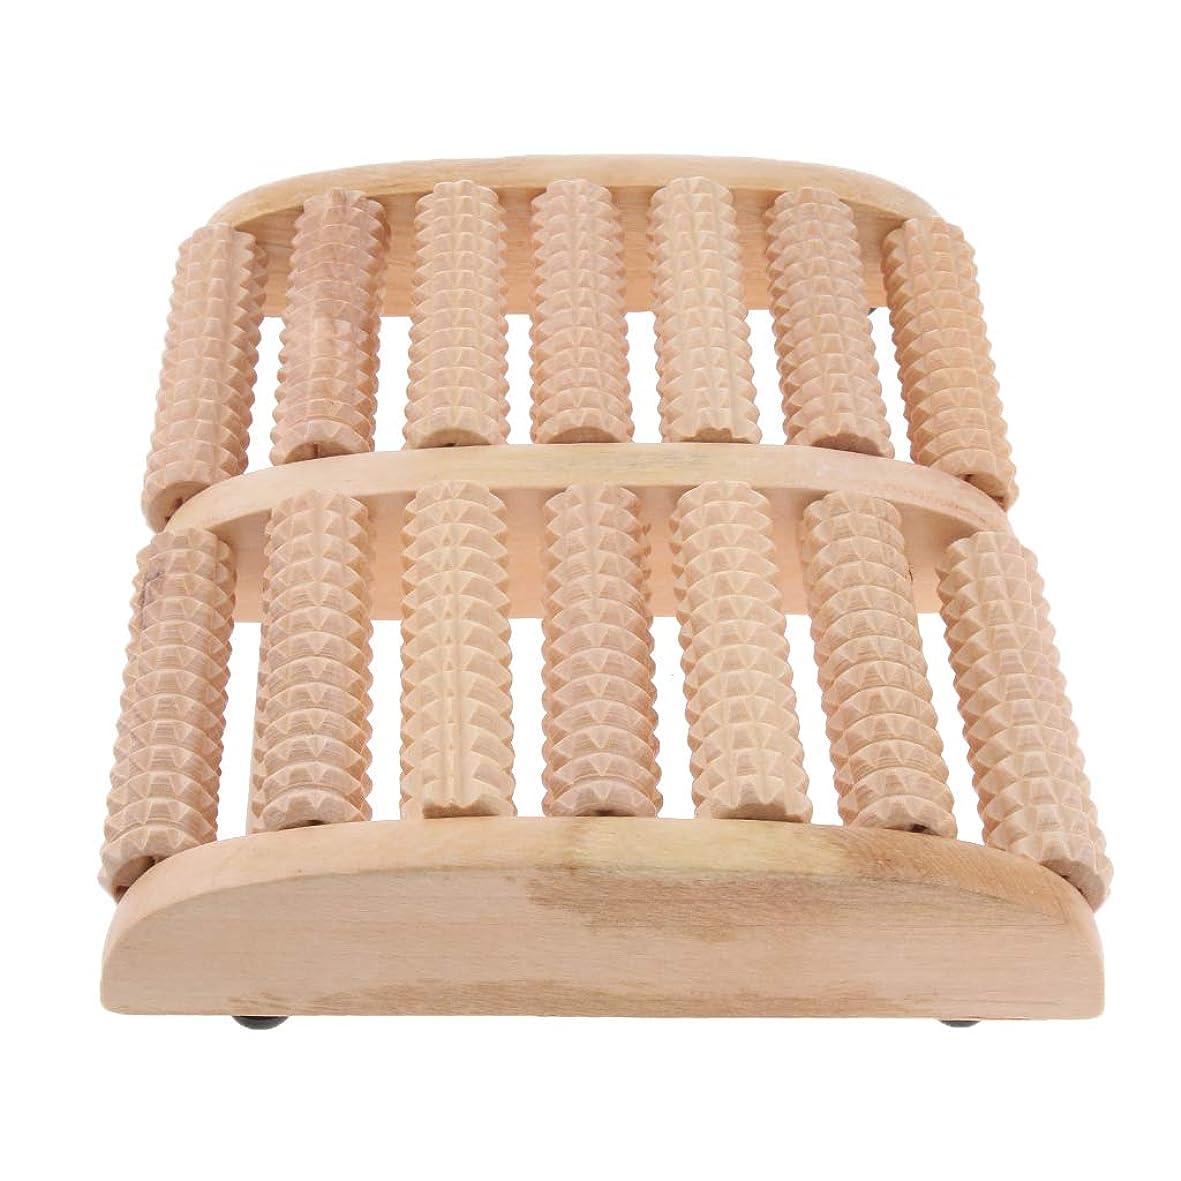 対応講義エイリアスIPOTCH マッサージローラー 7行 自然木製 足踏み フットマッサージ ツボ押し 痛み緩和 健康器具 高品質